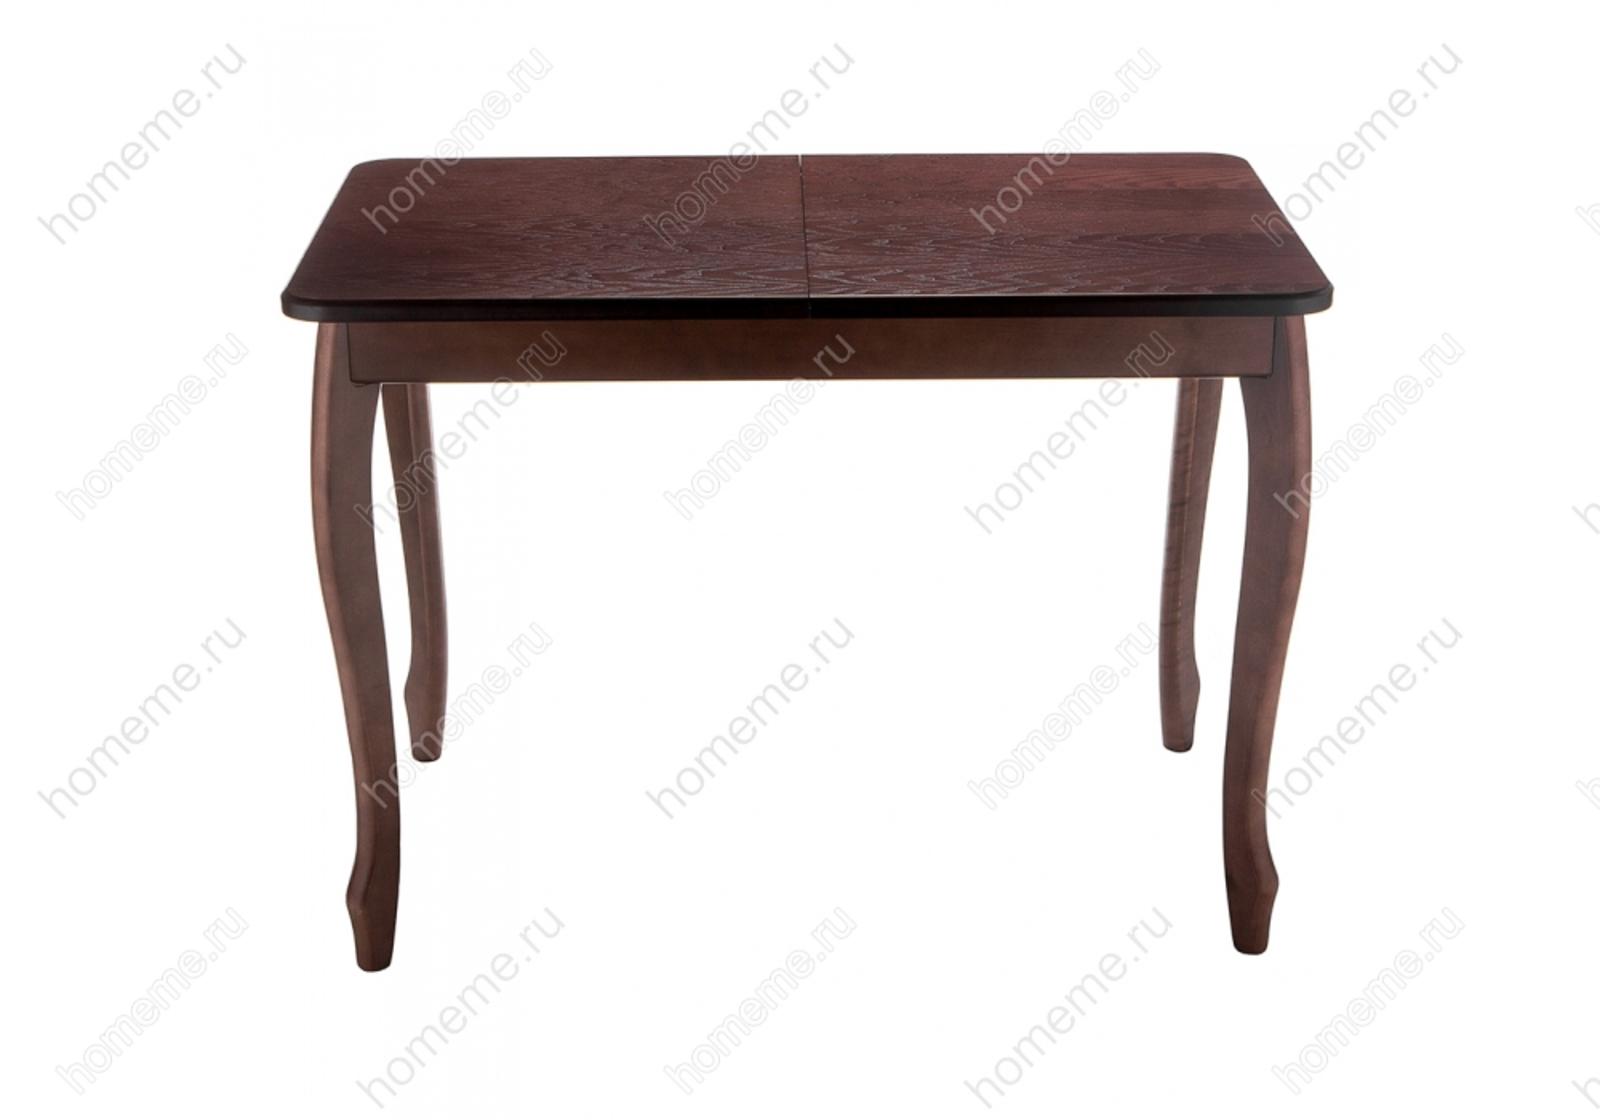 Стол деревянный Амато орех 309301 Амато орех 309301 (16084)